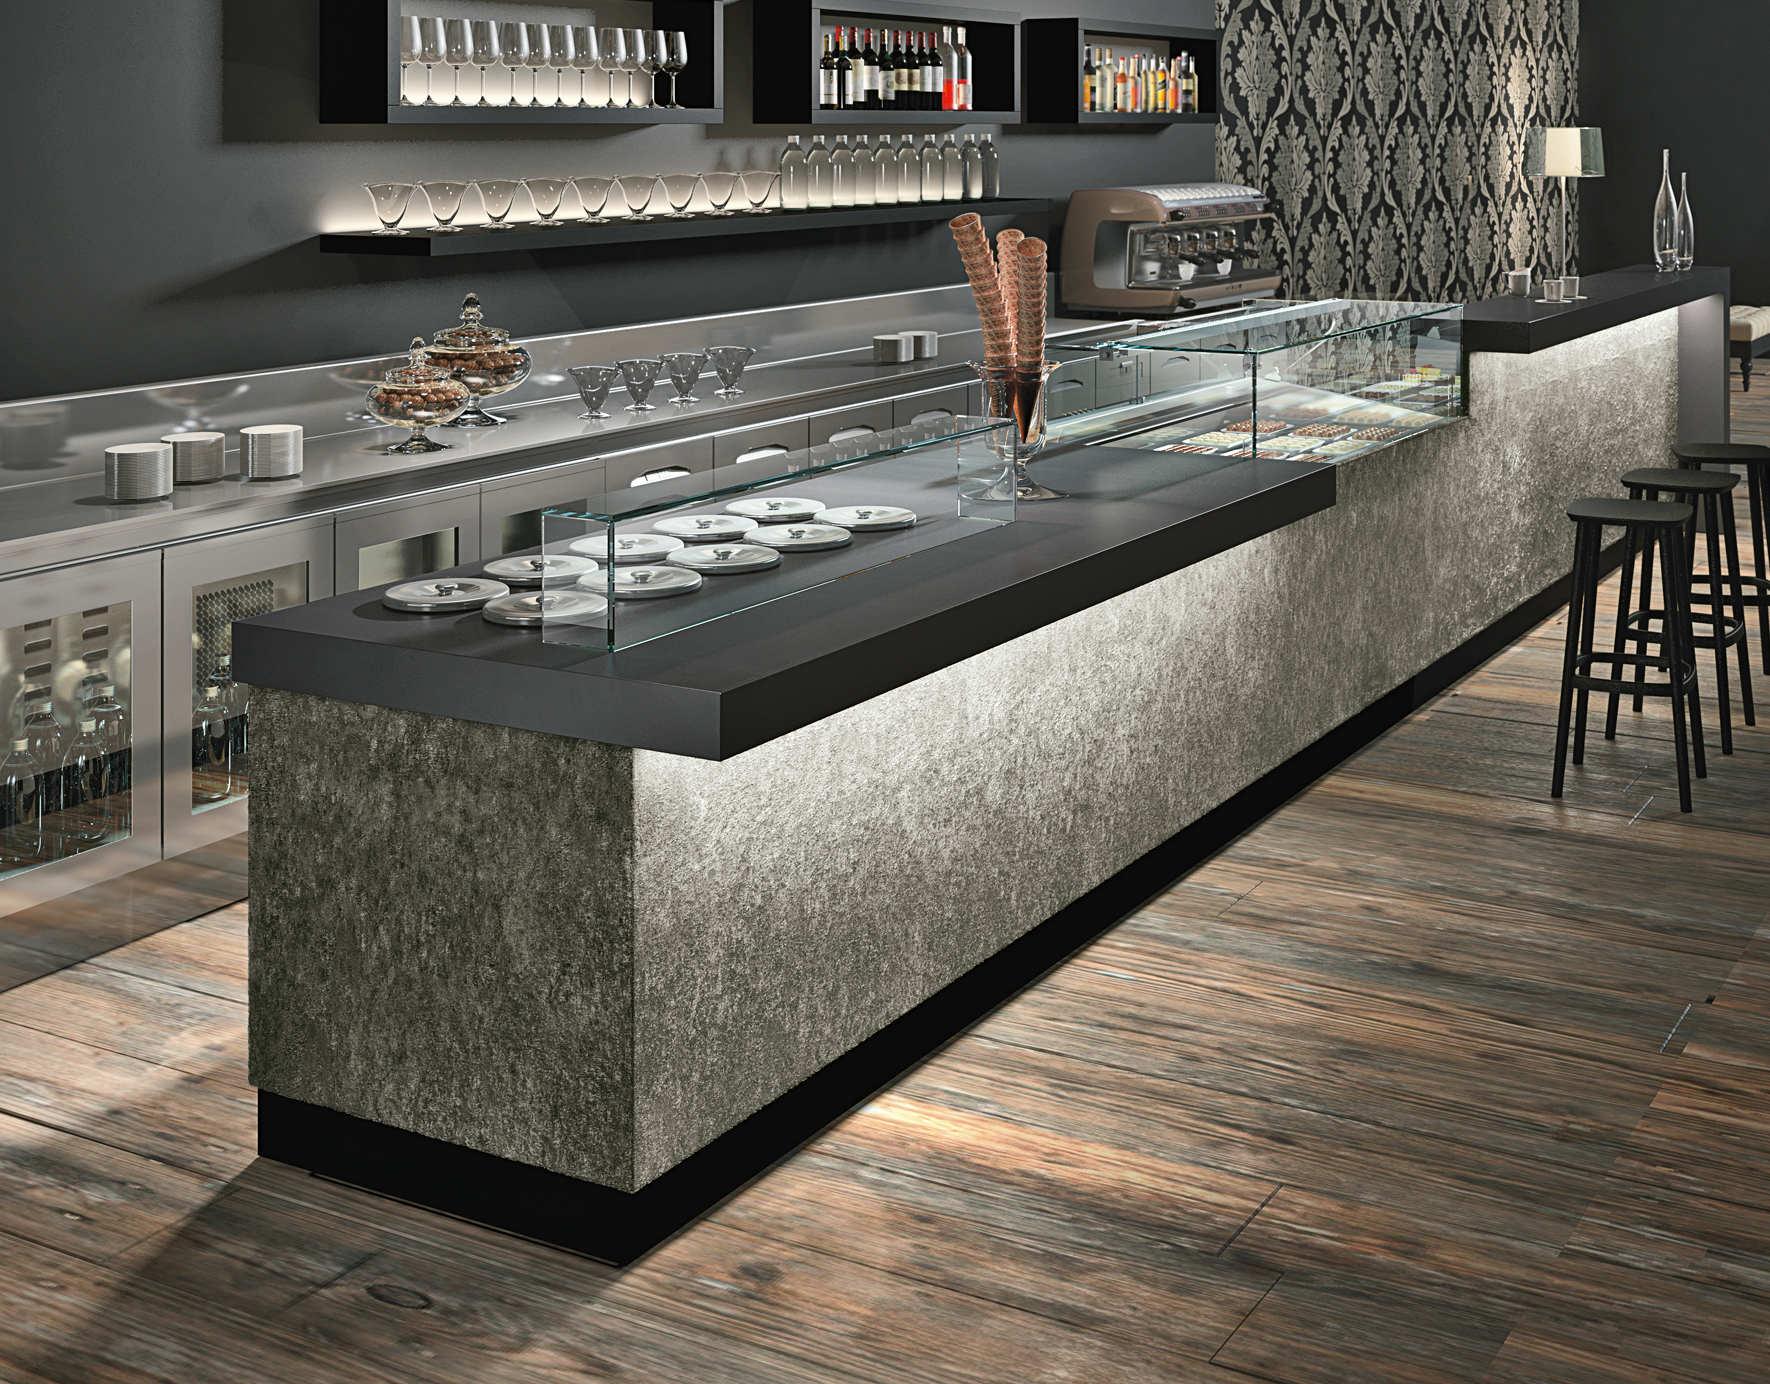 Banco bar con modulo self-service serie Business bar  dbanchibar